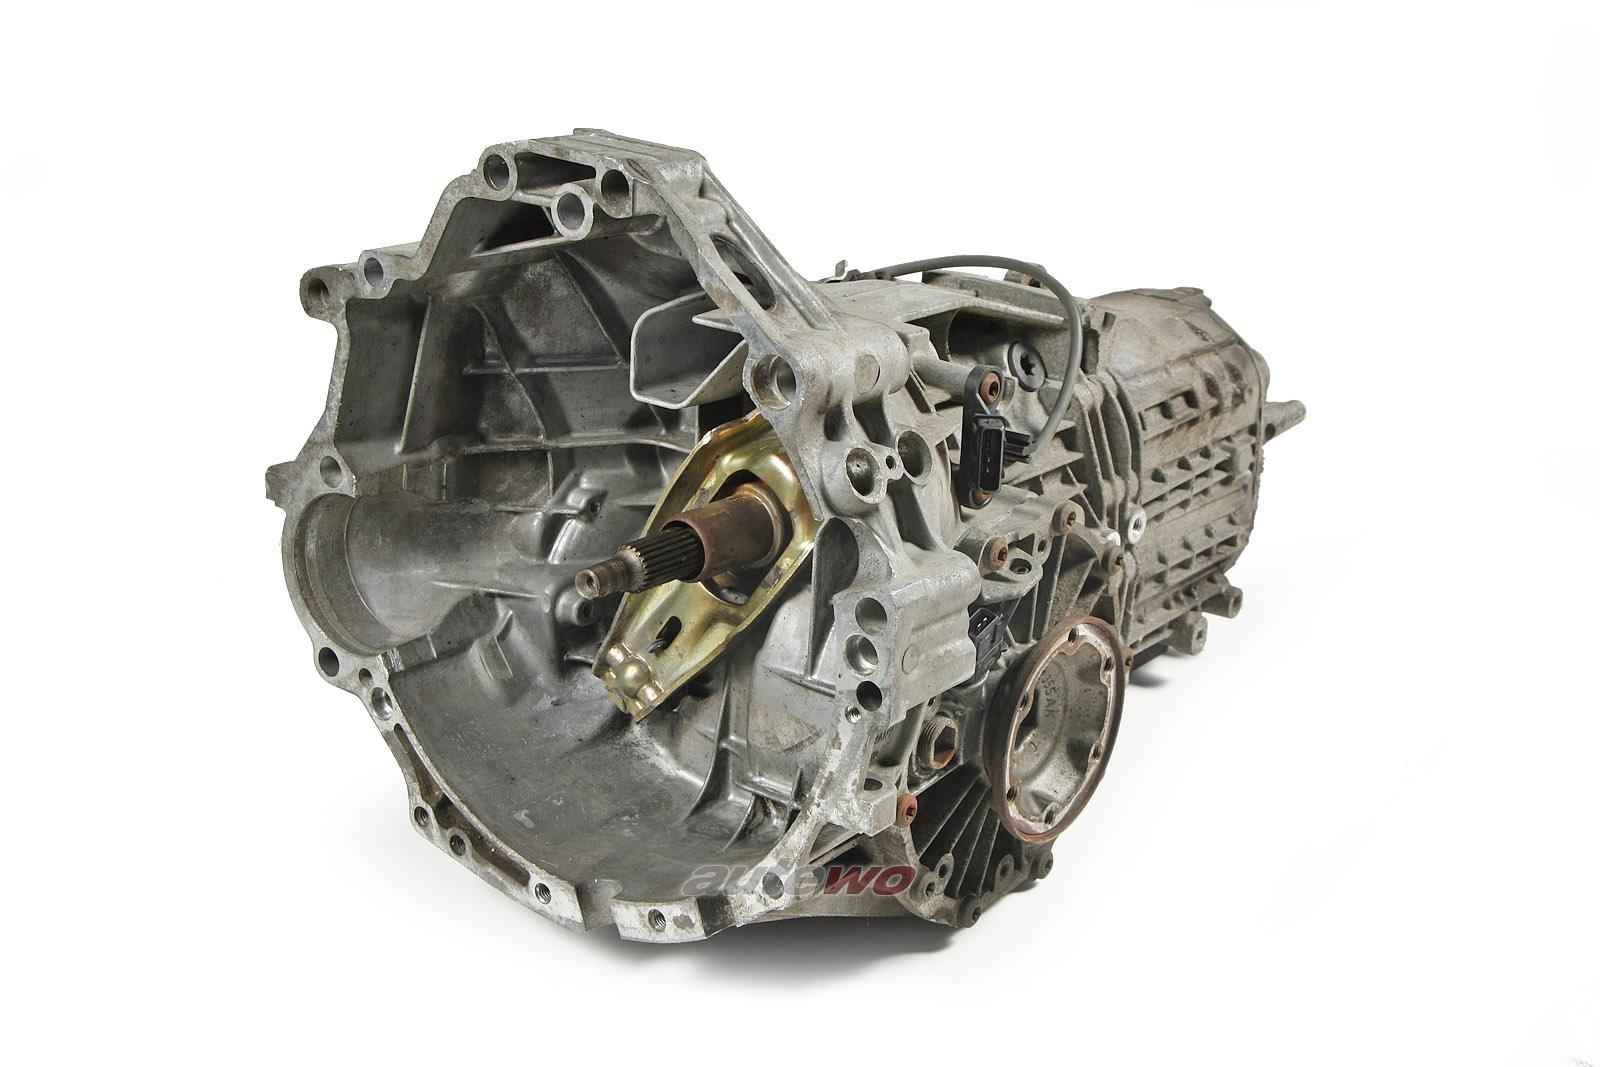 012300058AX Audi/VW A4 B5/A6 4B/Passat 1.8l Schaltgetriebe 5-Gang EHV 16069